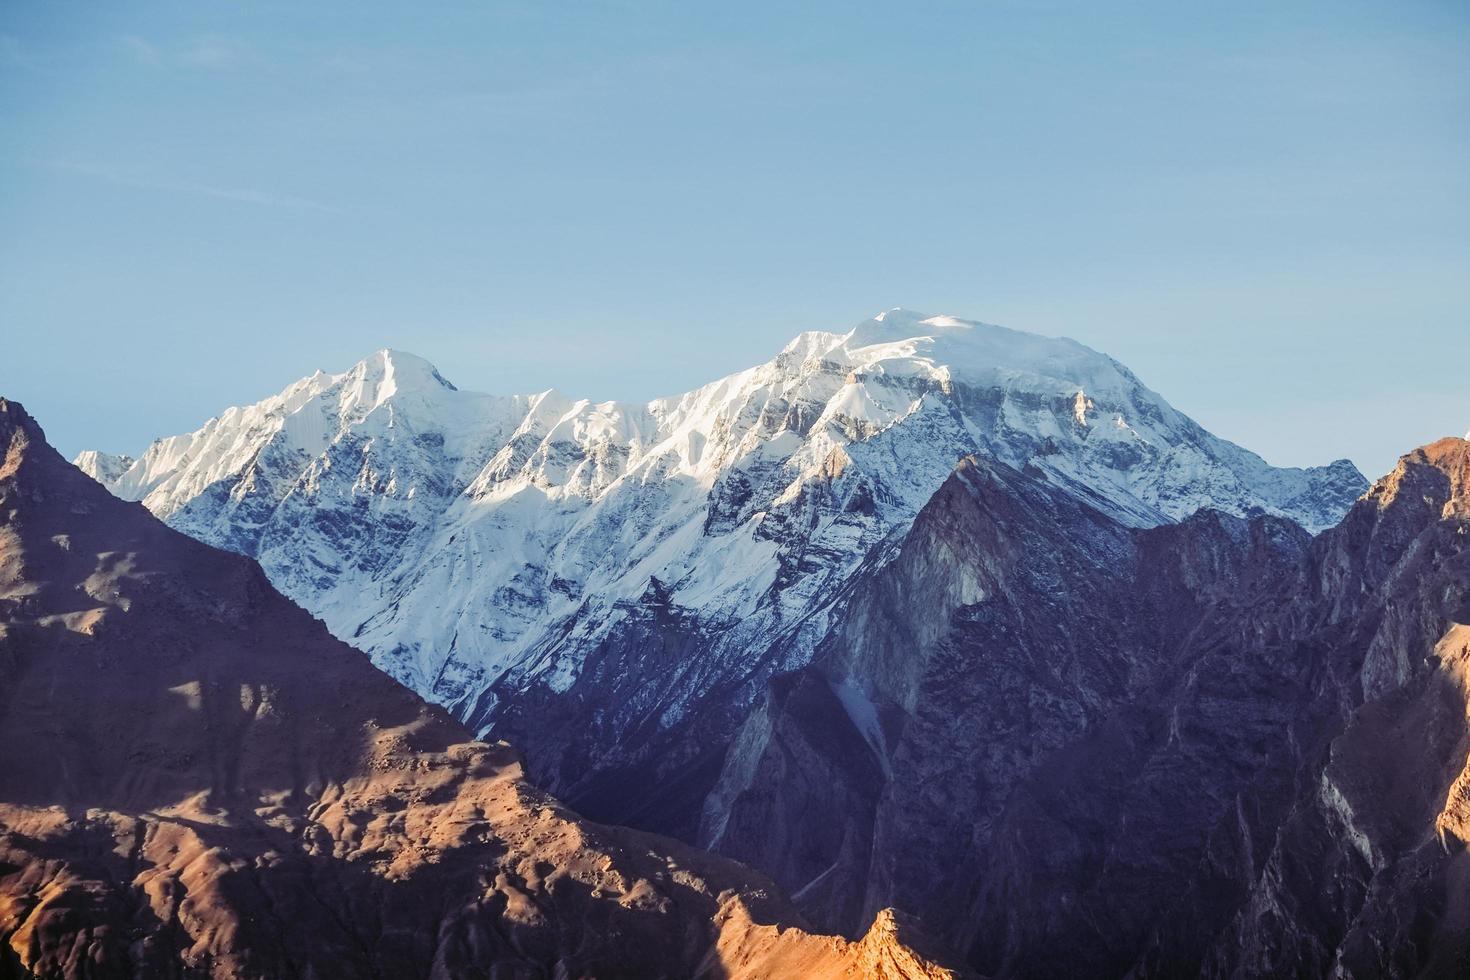 ochtendzon schijnt op besneeuwde berg foto